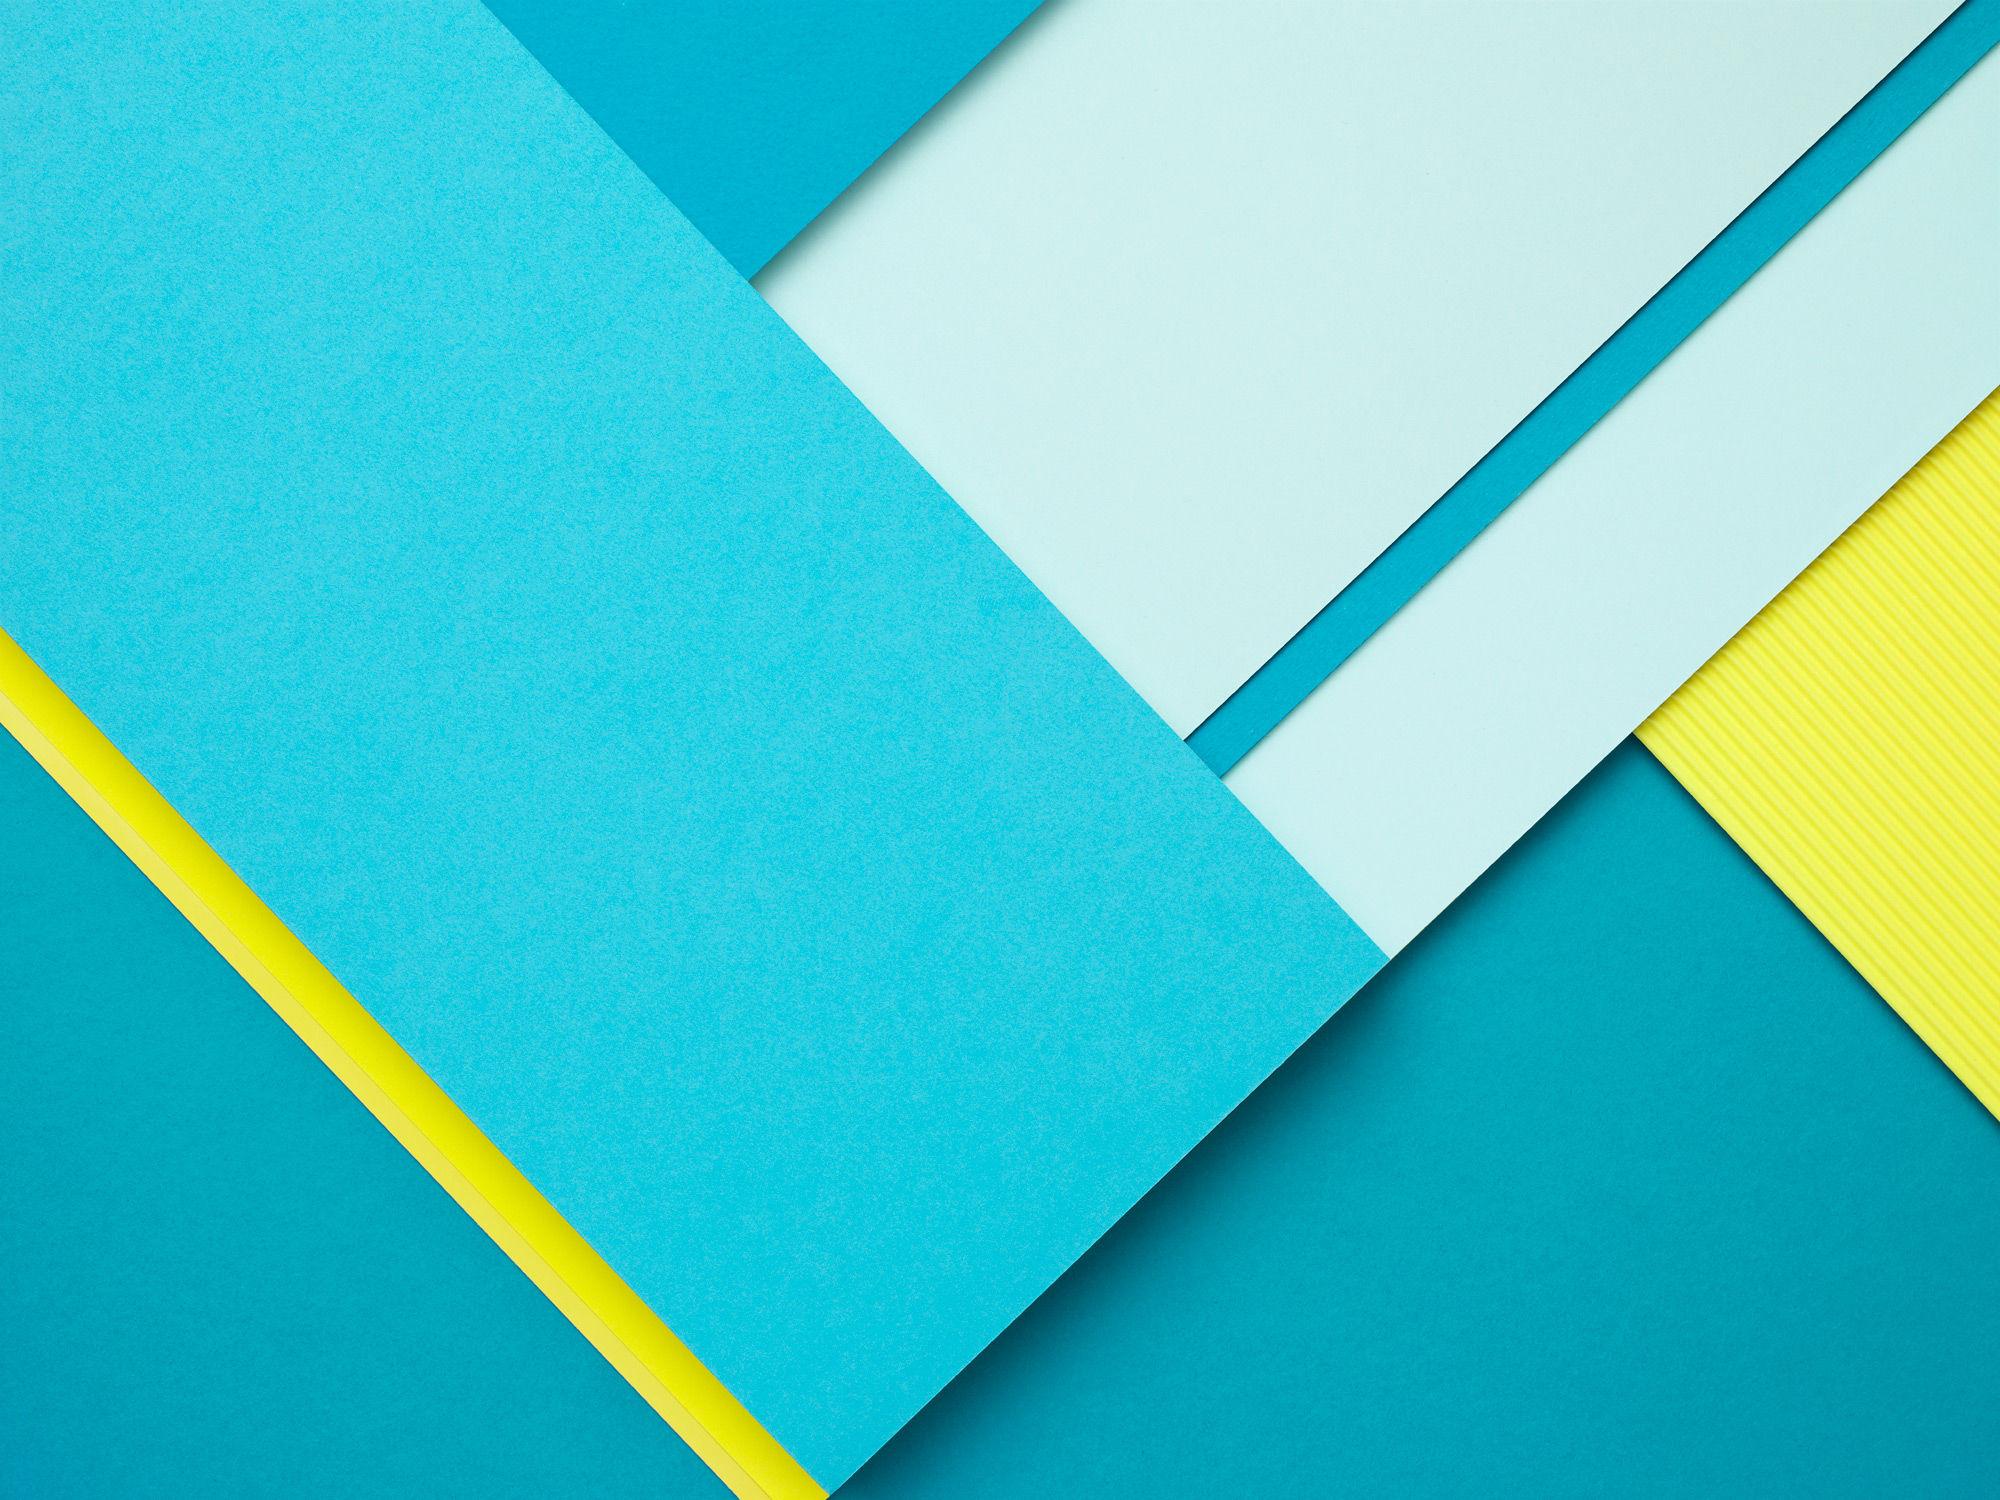 Material-Wallpaper-7